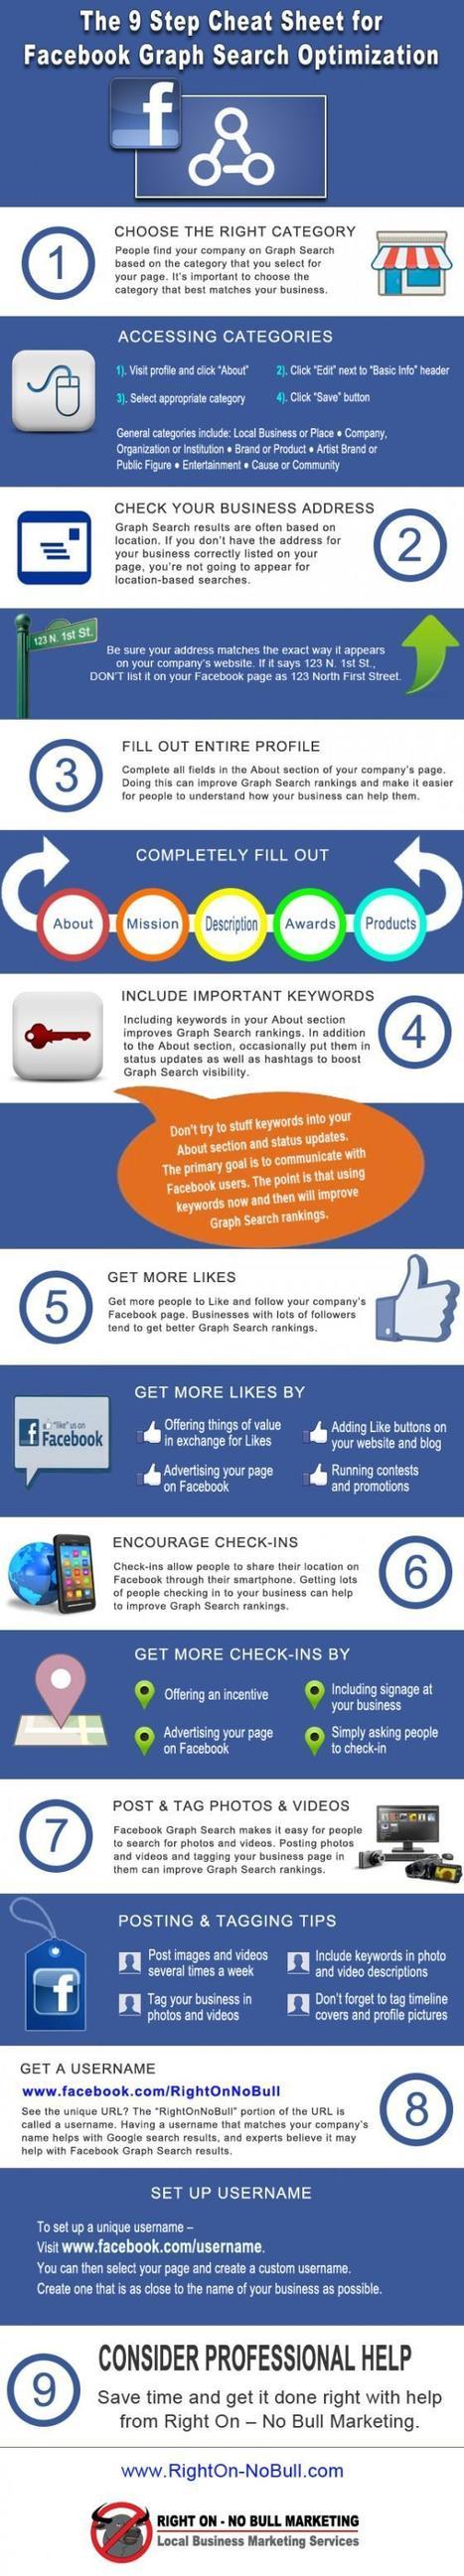 E-réputation : Optimiser une Page Facebook | Infographie | CV, lettre de motivation, entretien d'embauche | Scoop.it